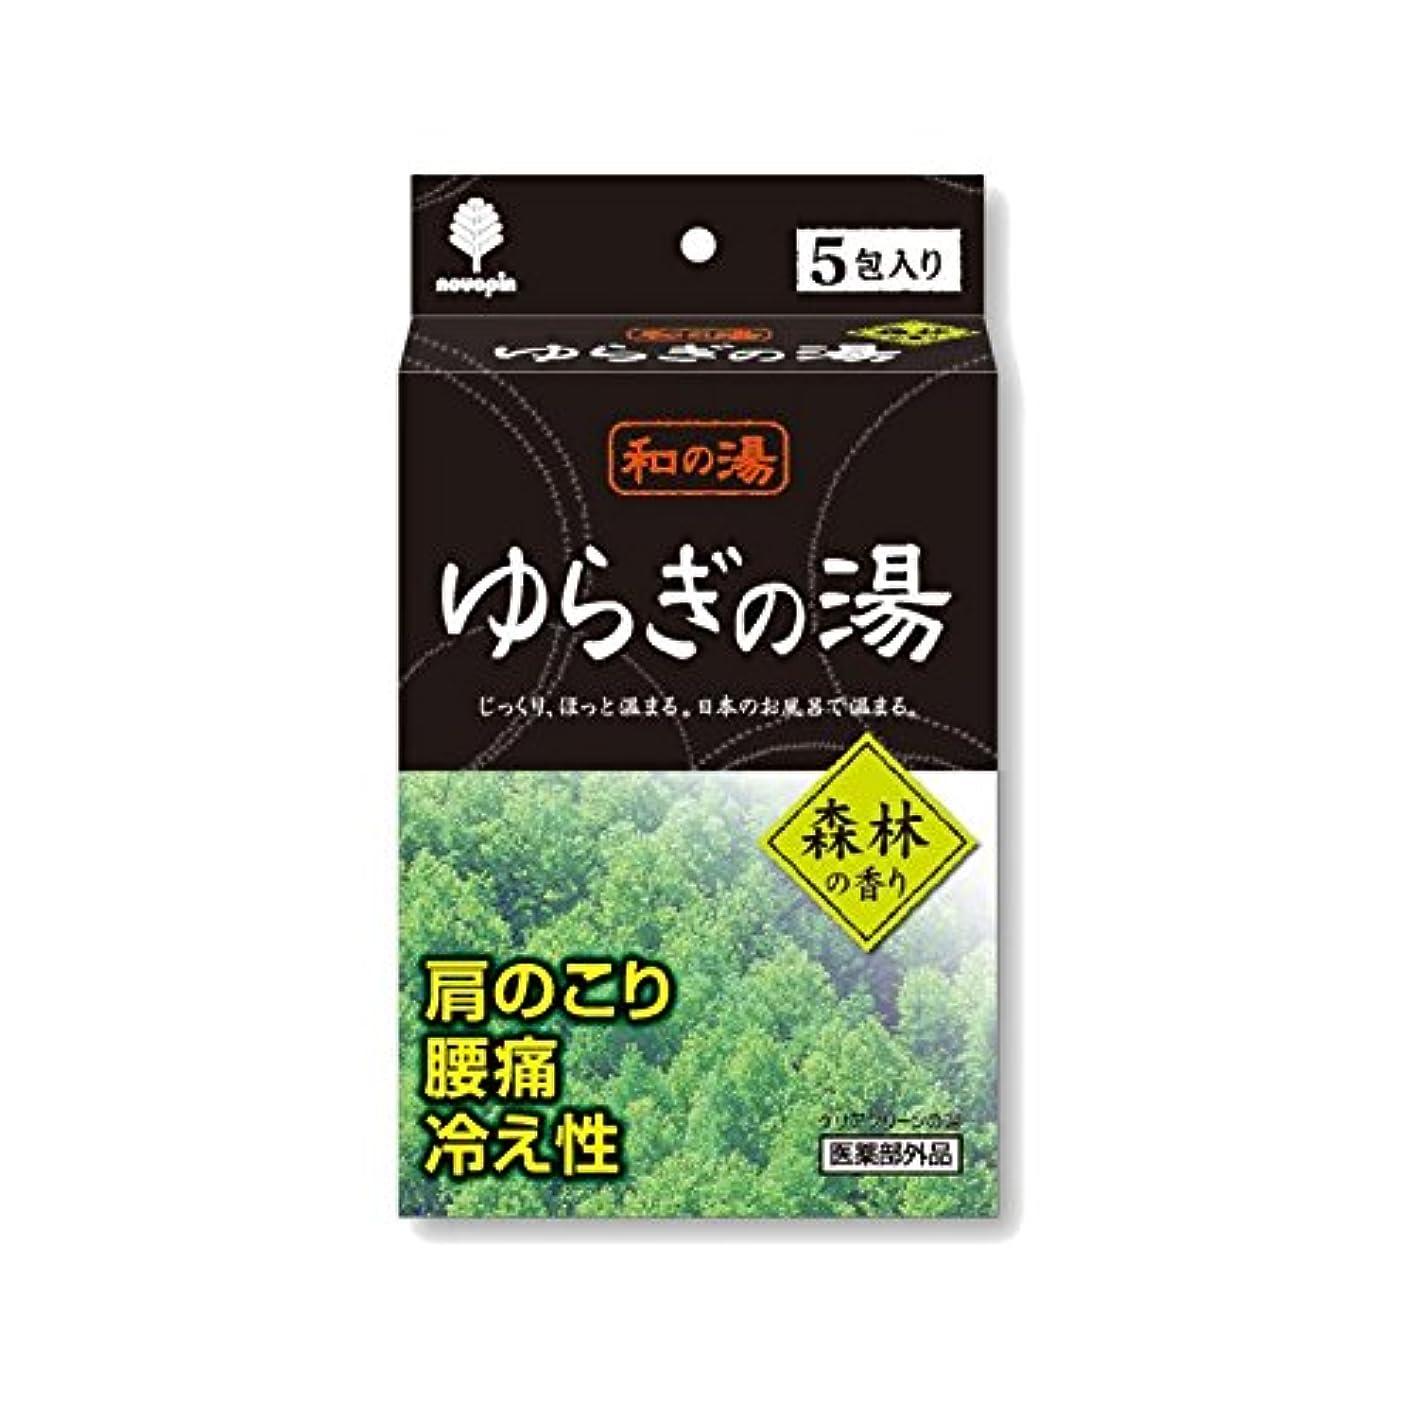 カウボーイ胚芽ジャンク和の湯 ゆらぎの湯 森林の香り(25gx5)x10